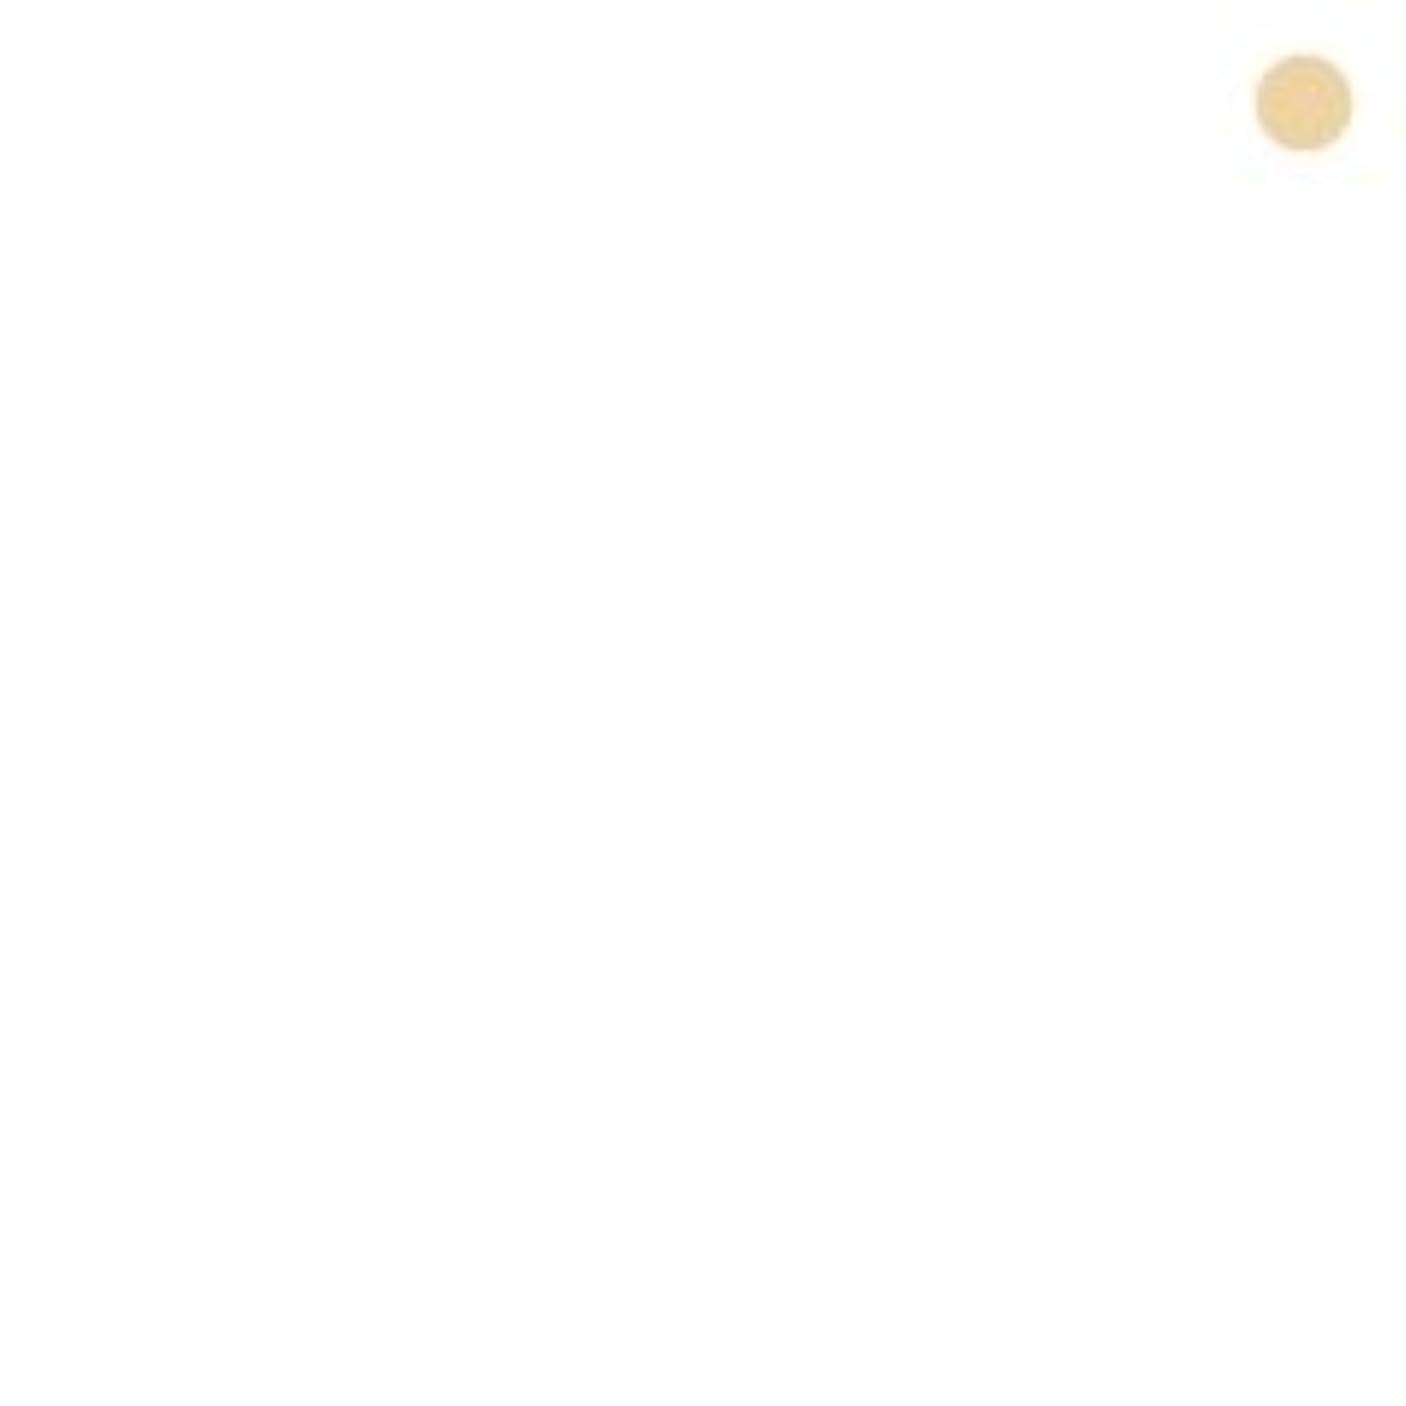 ライドに変わる凍った【カバーマーク】ジャスミーカラー パウダリーファンデーション #YP10 (レフィル)